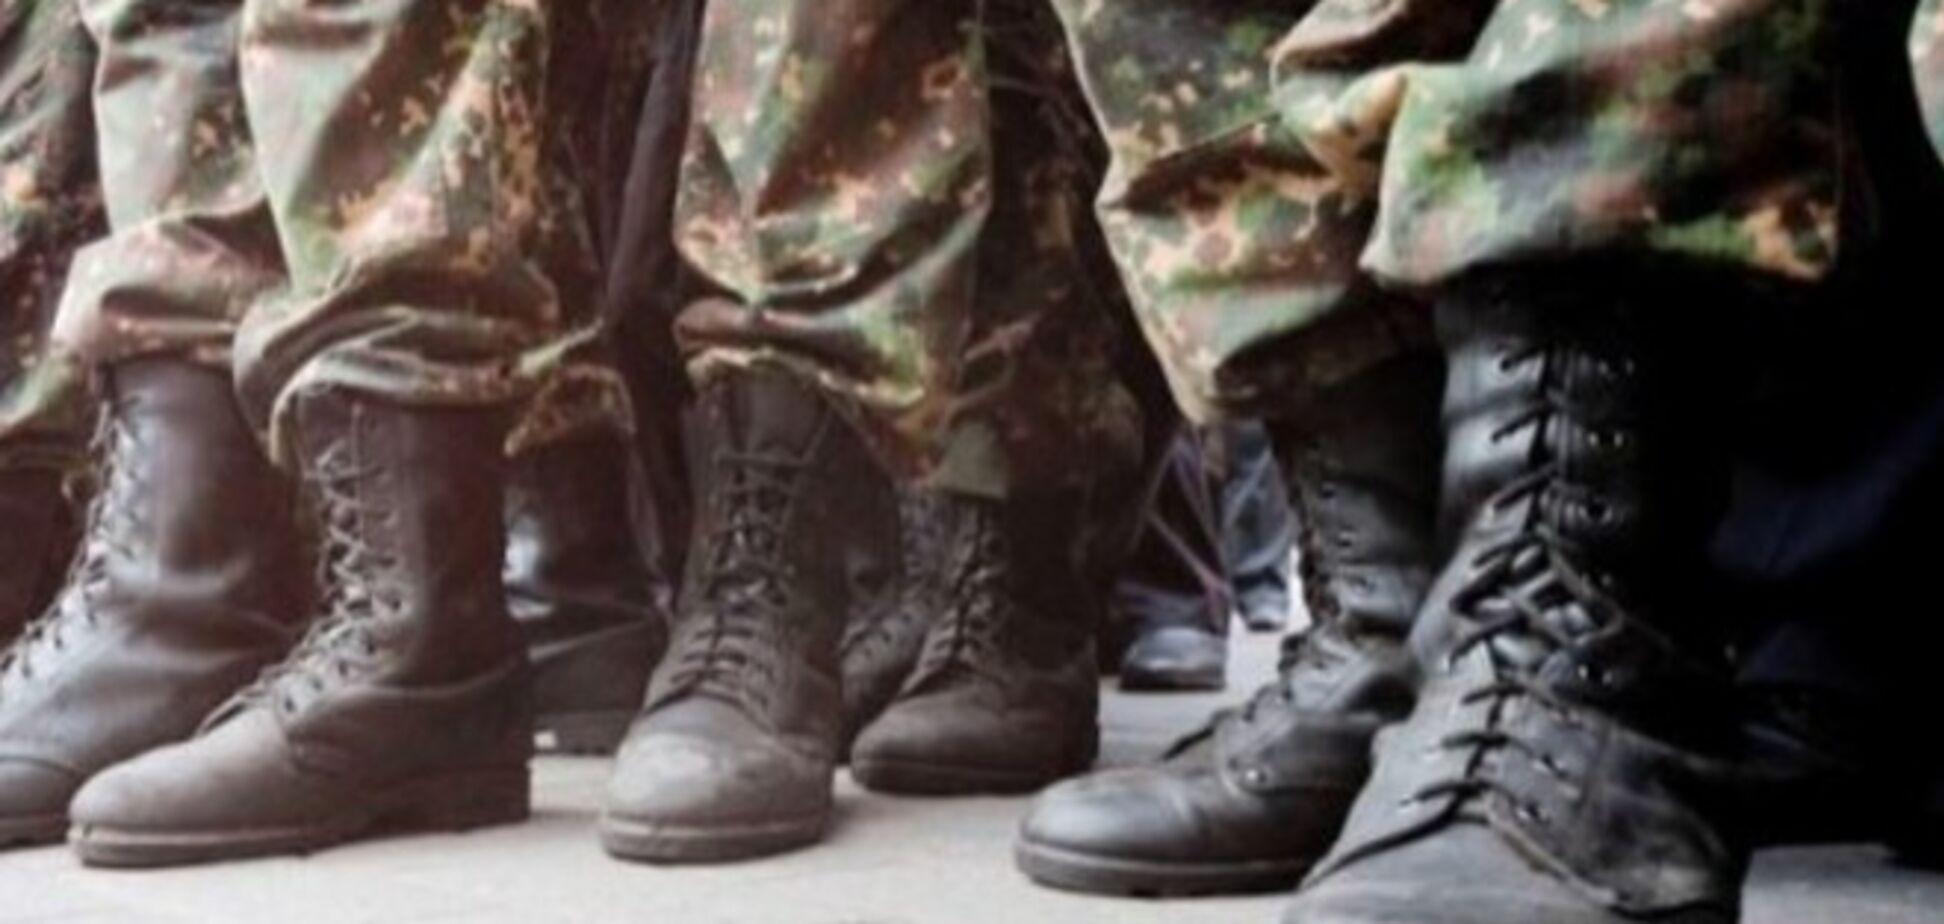 Шесть десантников батальона Айдар, чтобы не сдаваться в плен, подорвали себя гранатой